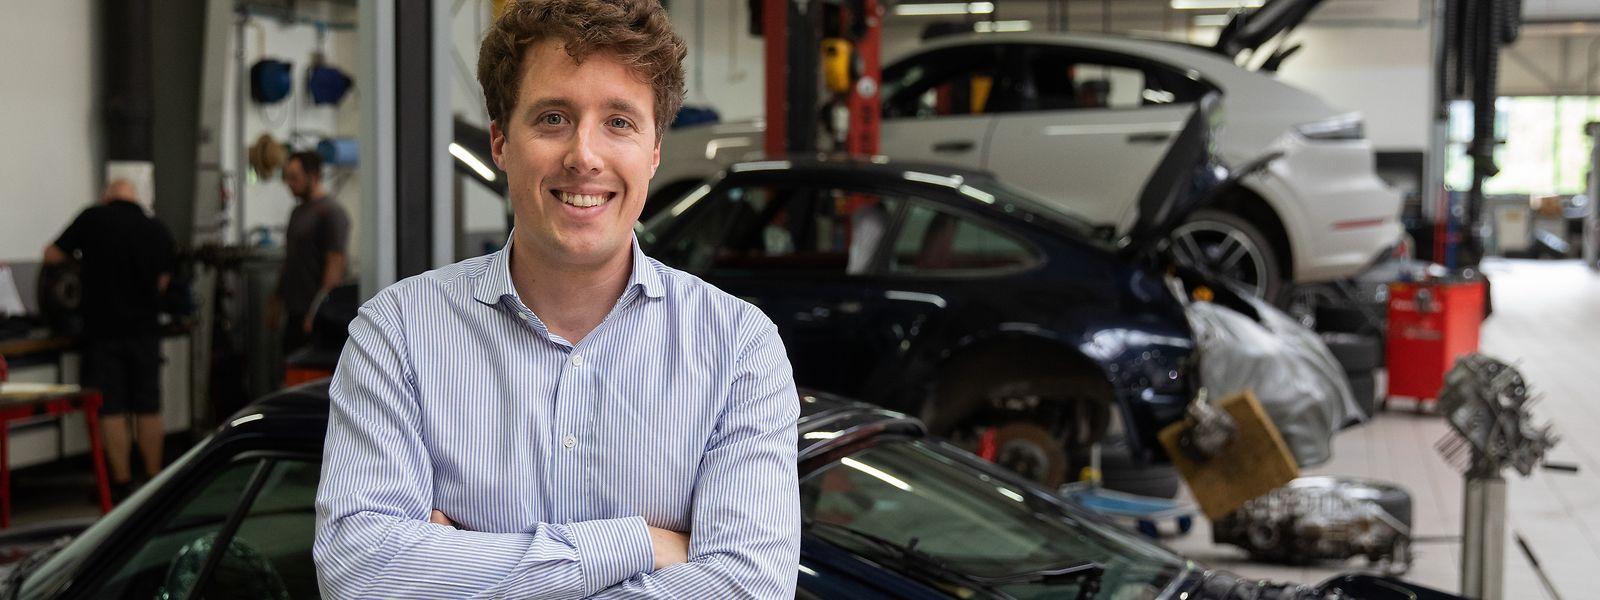 Mit Sportautos und unternehmerischer Tätigkeit konnte Charles Heisbourg zwei Dinge miteinander verknüpfen, die er mag: Seit einem halben Jahr ist er für den Handel mit Porsche, Lamborghini und Bentley in Luxemburg verantwortlich.